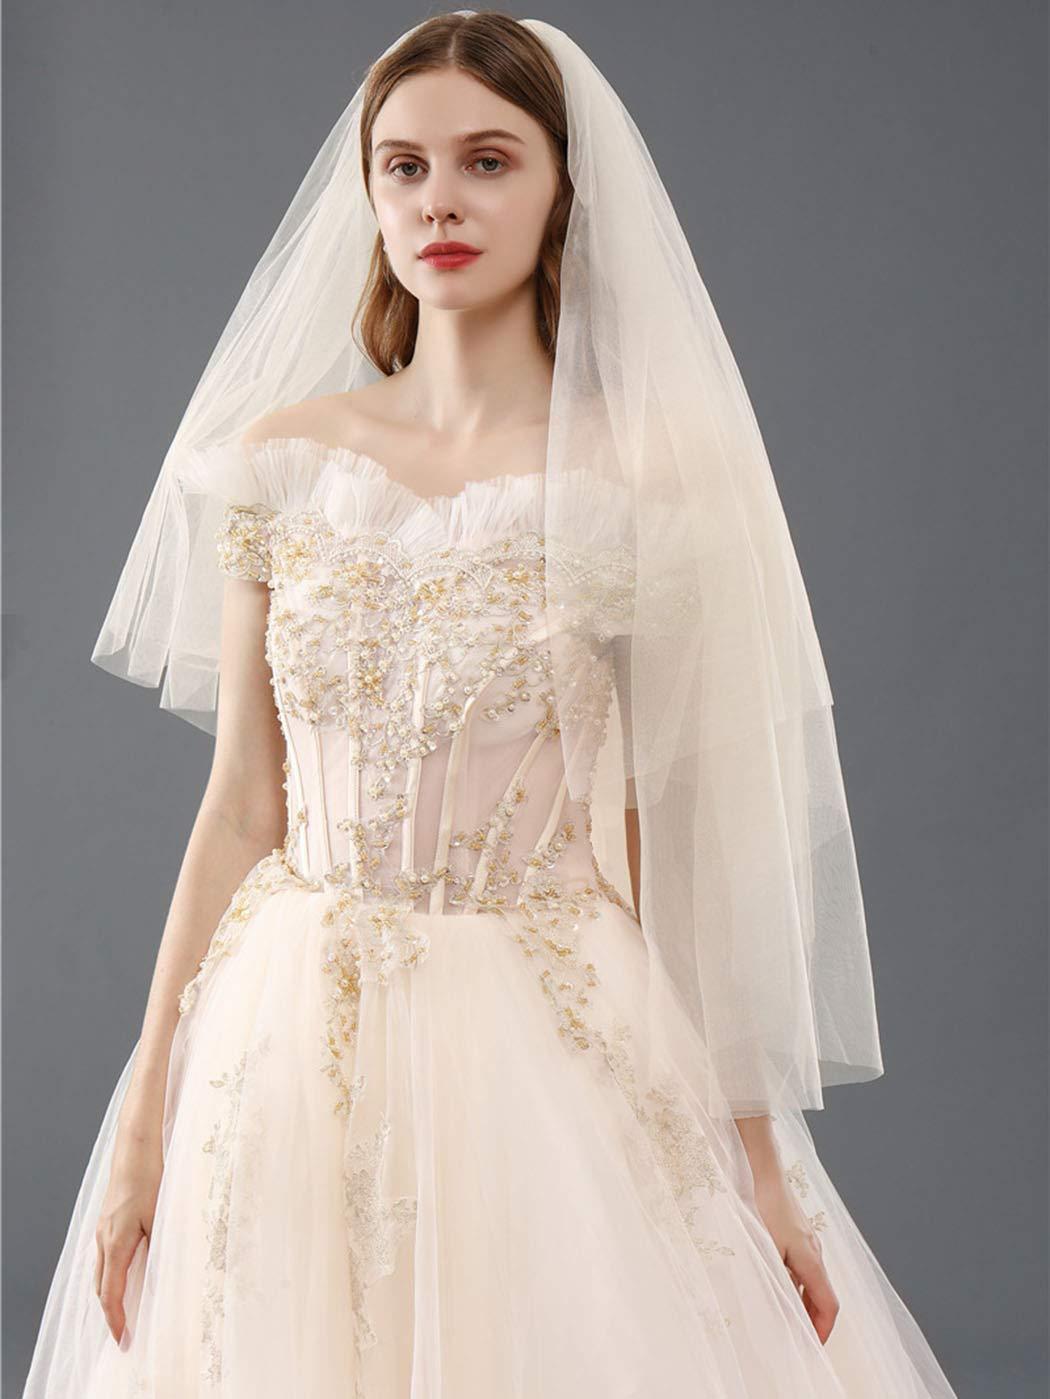 Salliy Denver Mall Bridal Wedding Veils New Orleans Mall Short 2 Tulle Vei Blusher Tier White